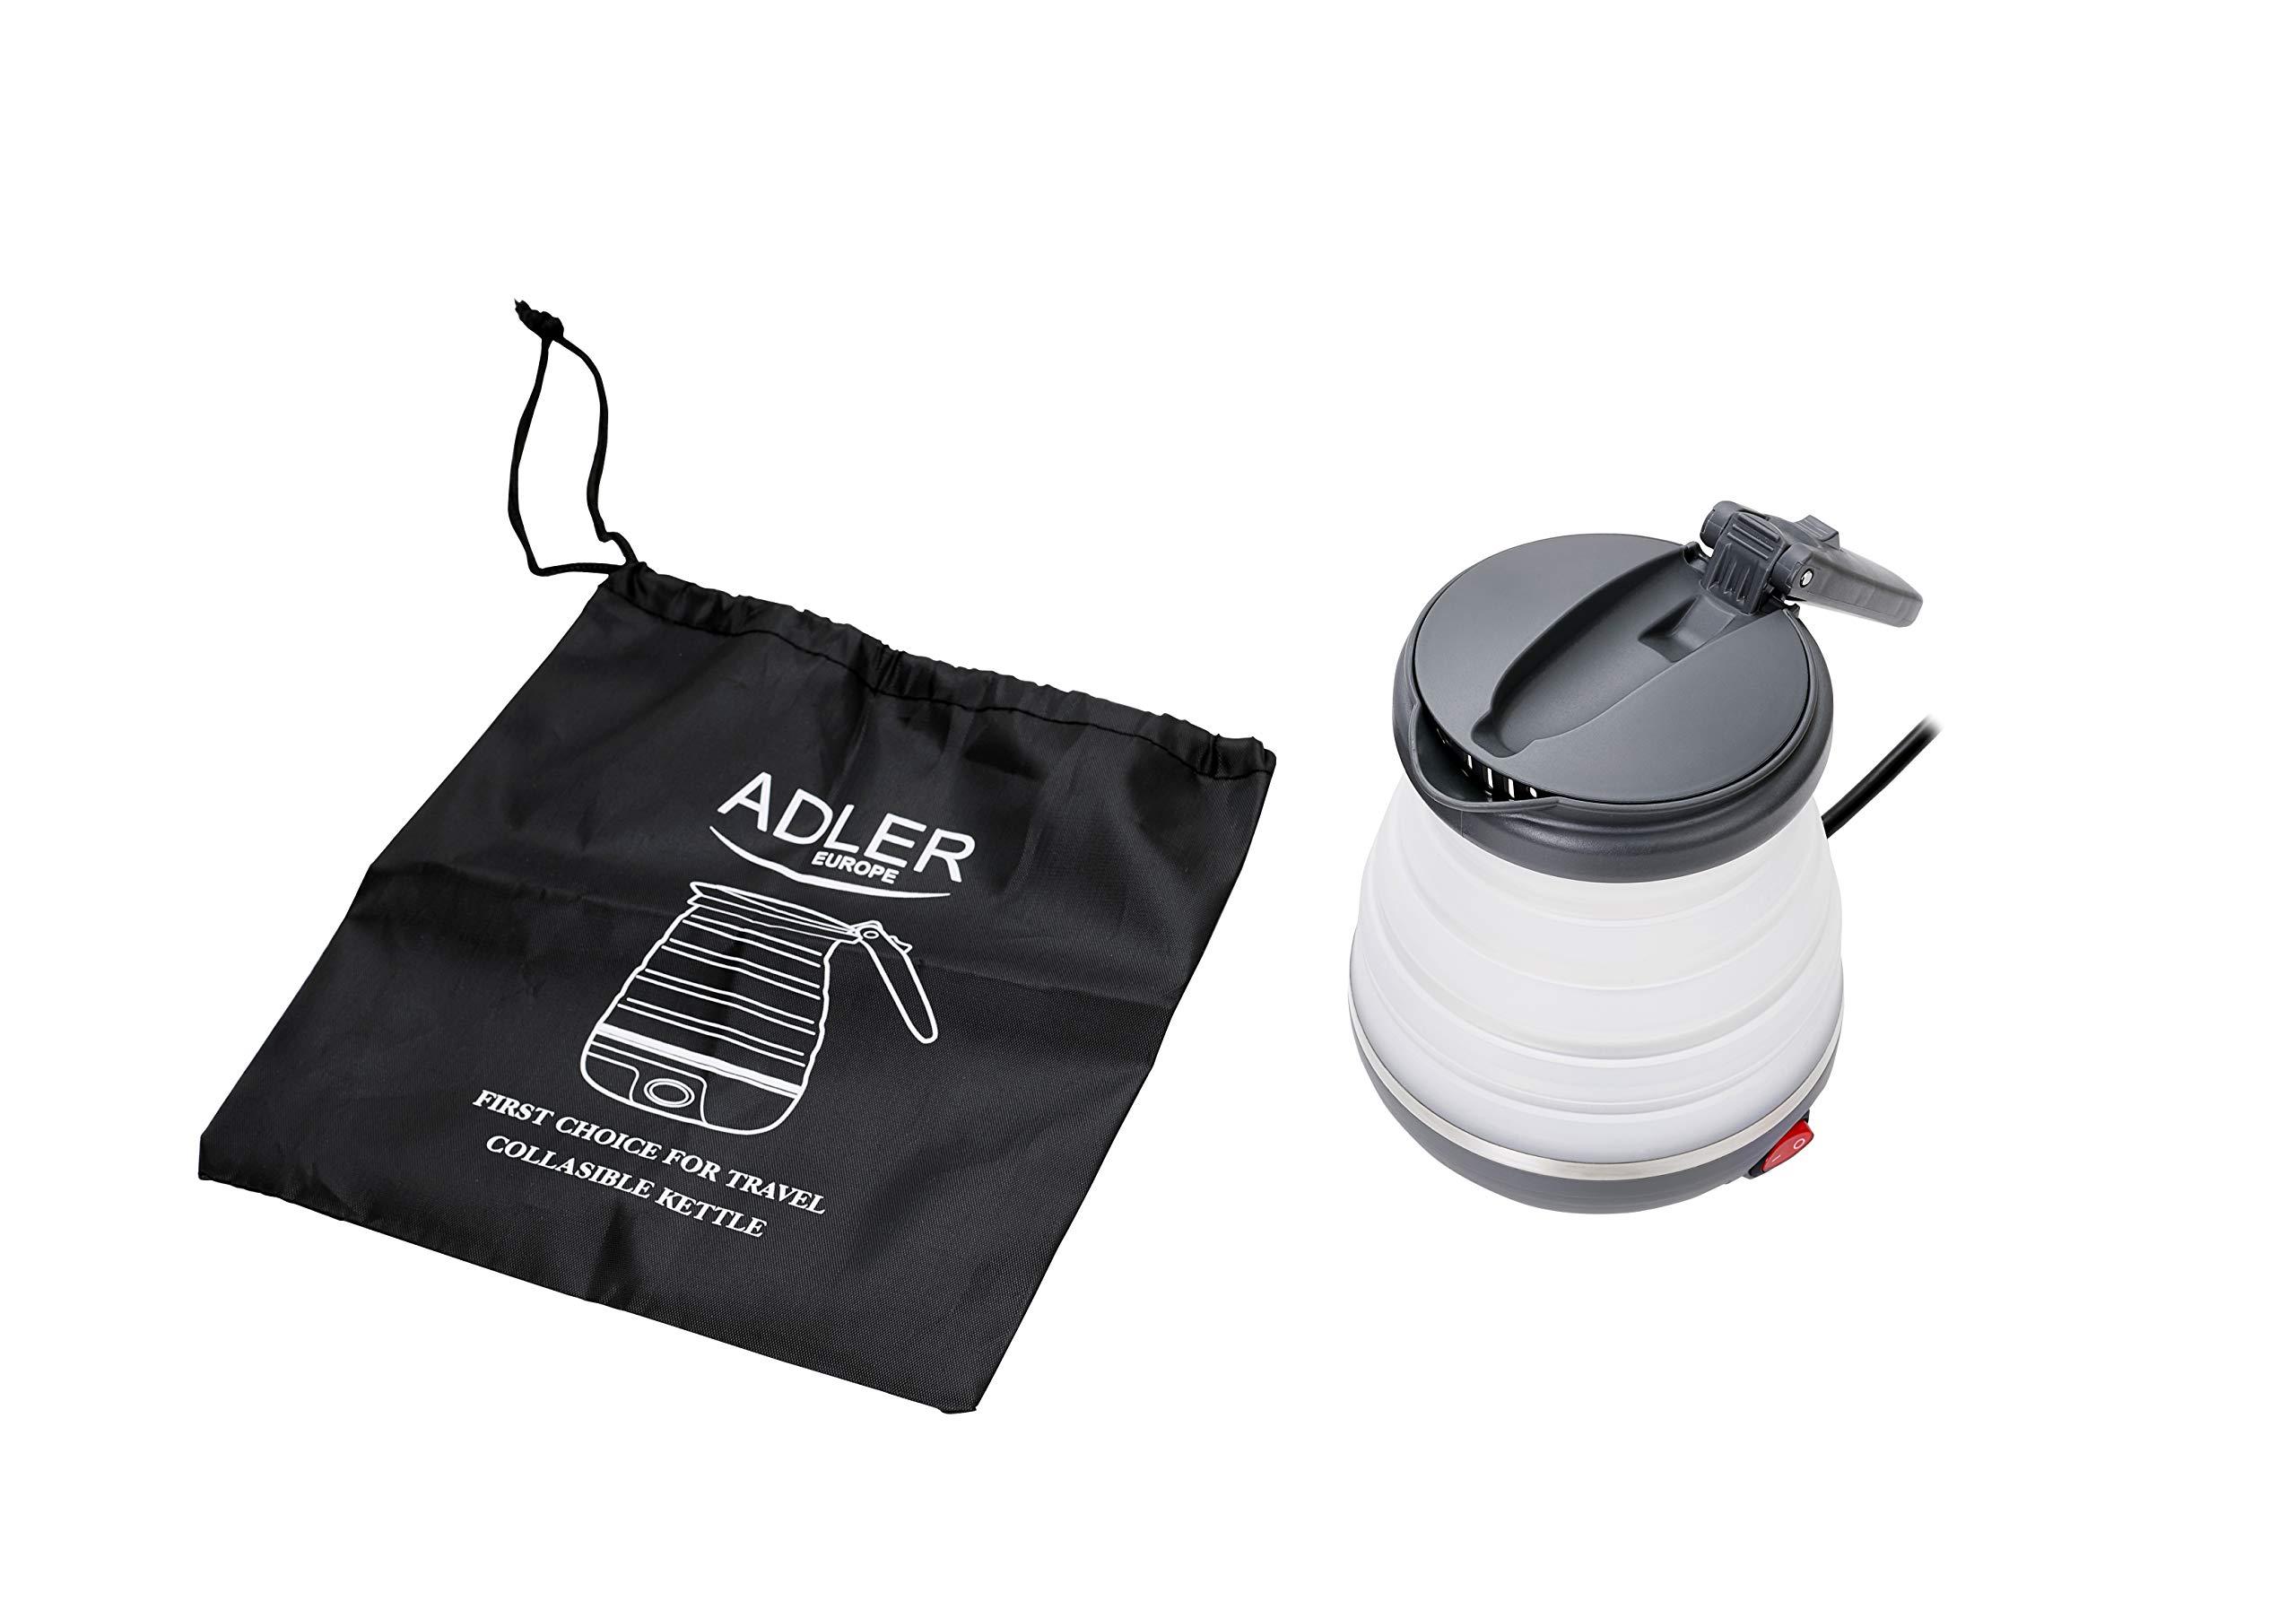 Adler-AD-1279-Elektrischer-Reisewasserkocher-aus-Silikon-06L-750-W-Leistung-Faltbar